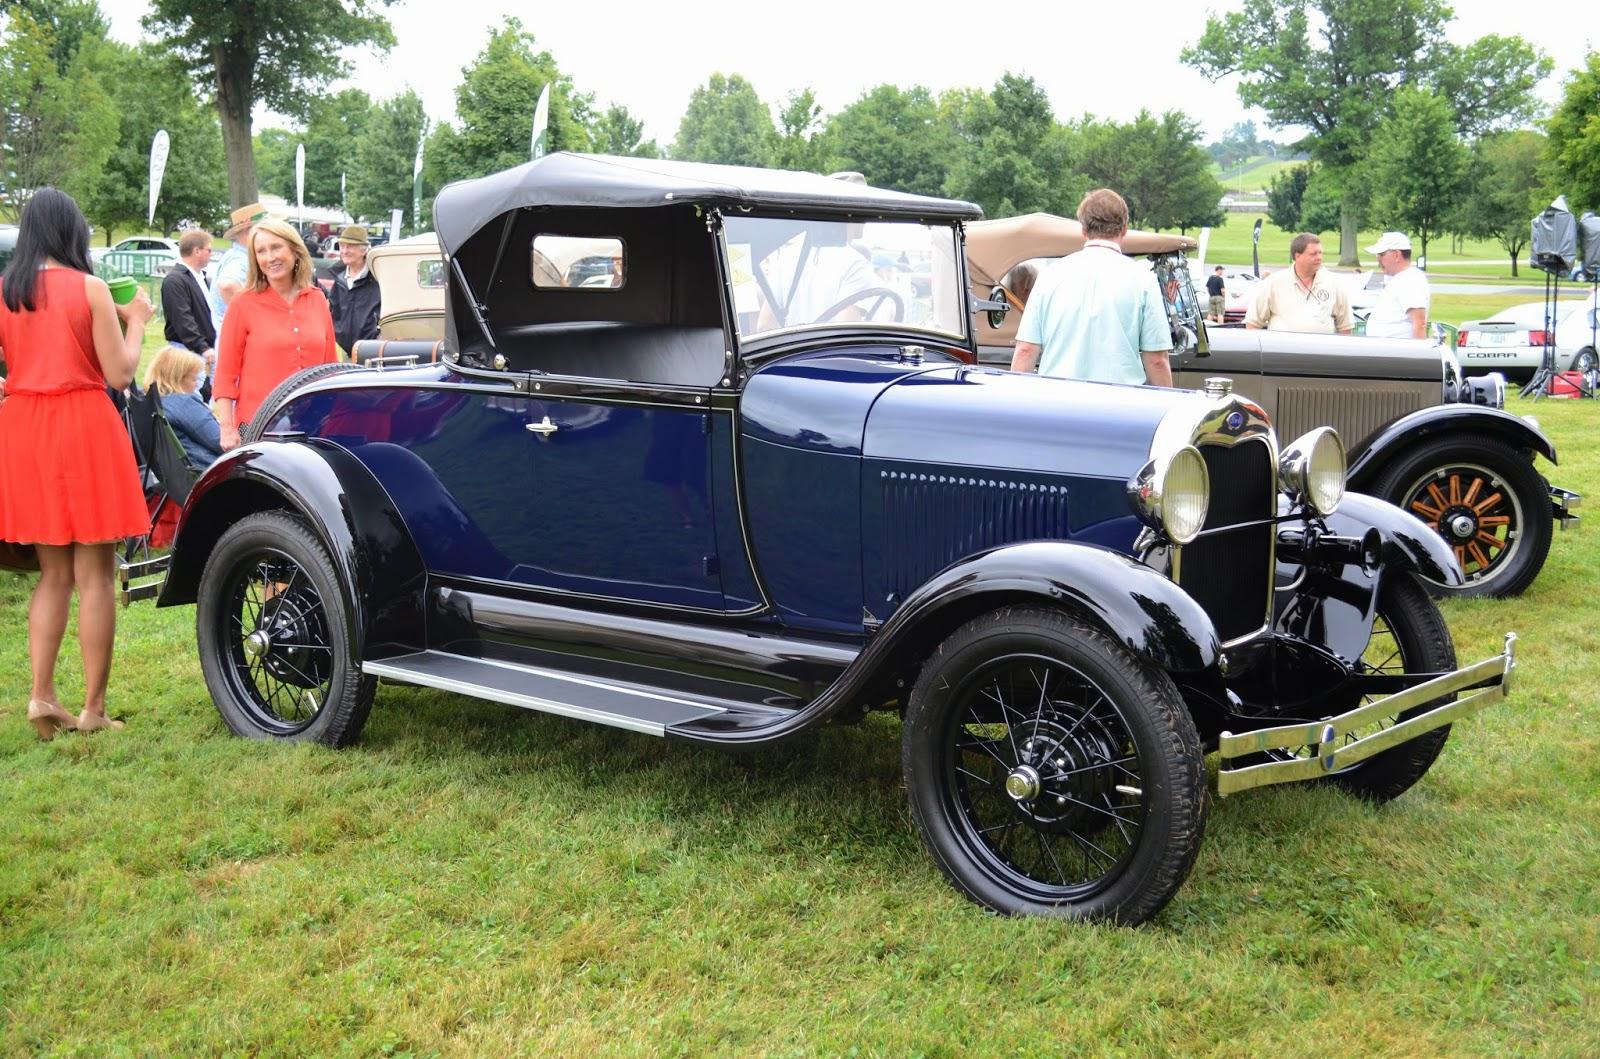 Turnerbudds Car Blog: Keeneland Vintage